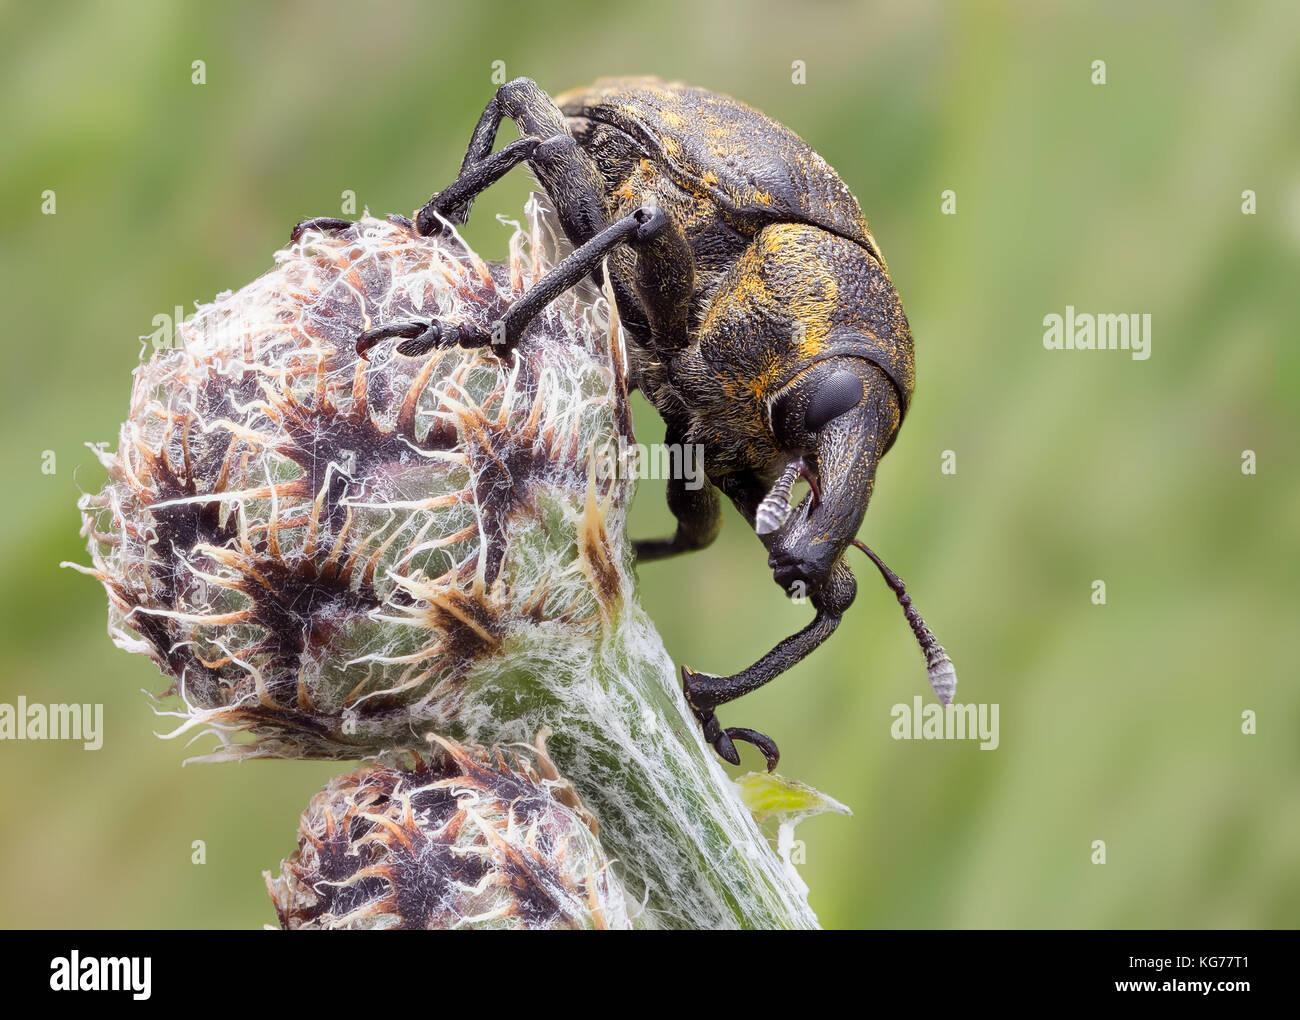 Rüsselkäfer / Bug Beetle  weevil  snout beetle A specimen of Involvulus caeruleus, tooth-nosed Black Vine - Stock Image